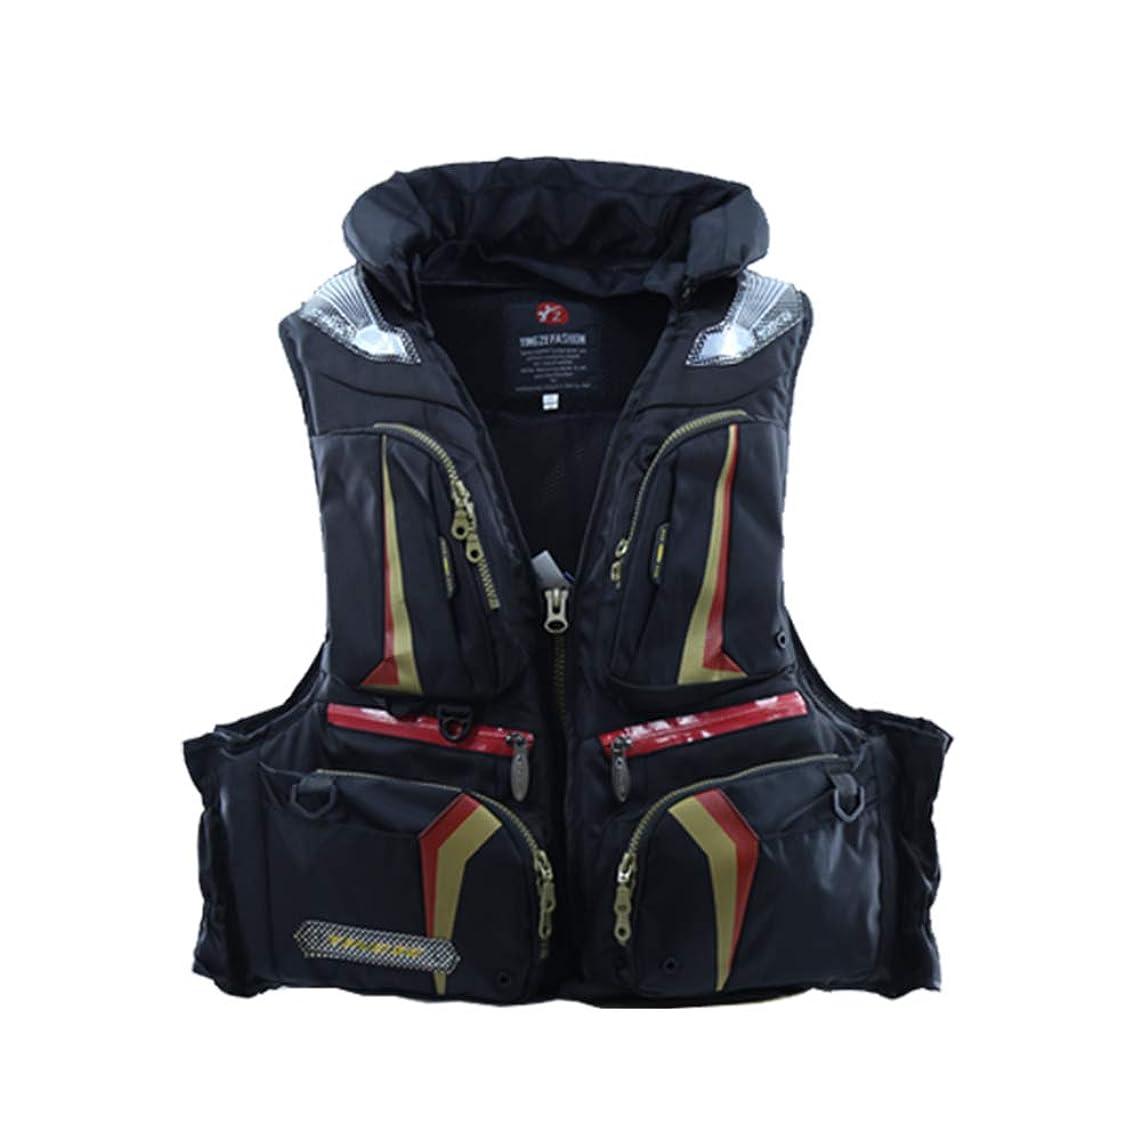 アグネスグレイ内なるサーカスAIRFRIC フィッシングベスト フローティングベスト 枕つき 男女兼用 ライフジャケット ウィンドストッパー救命胴衣 19FTB